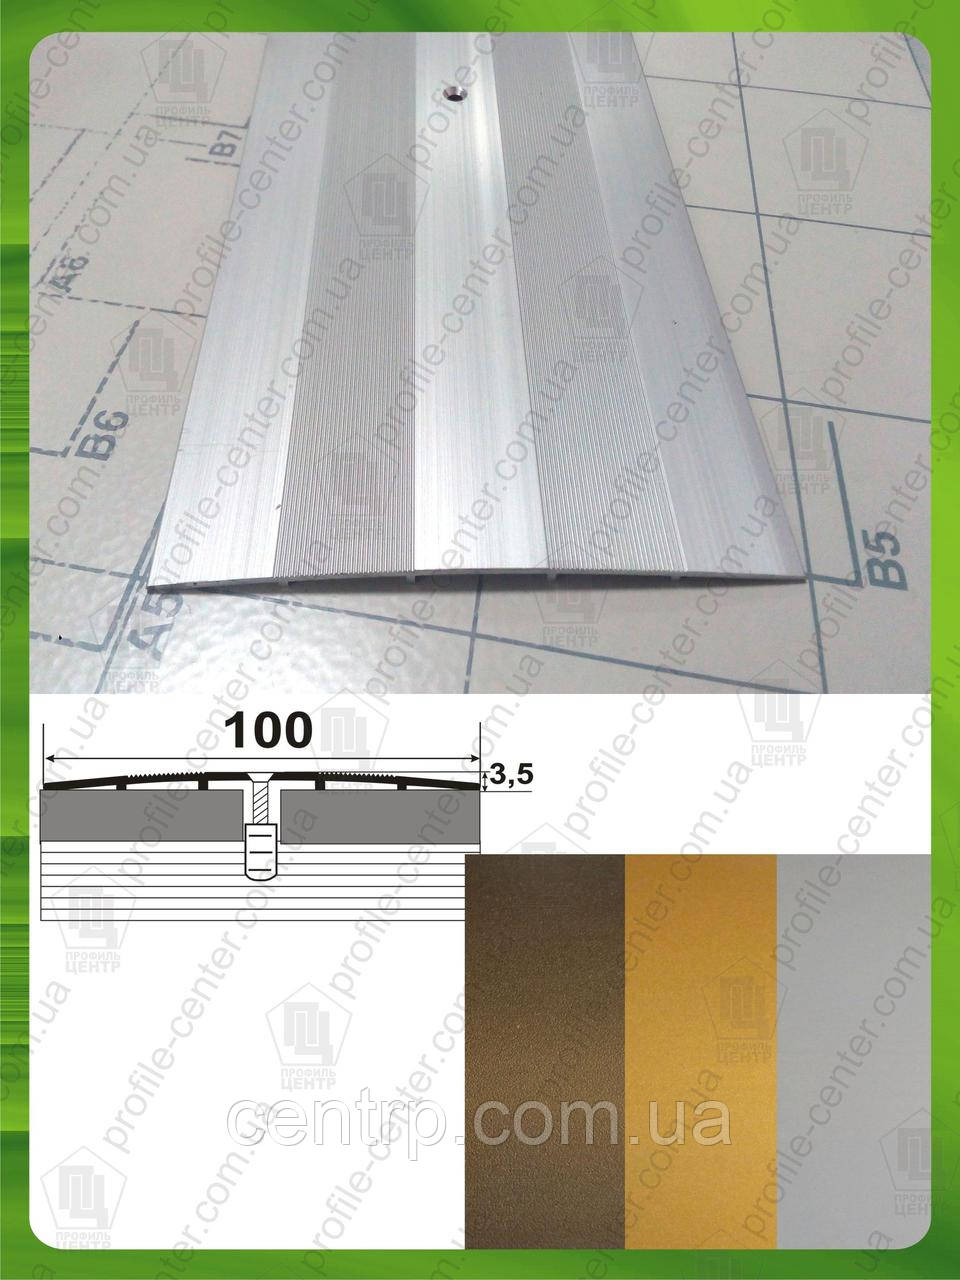 Широкий рифленый стыкоперекрывающий порог для пола 100мм. А 100 анод